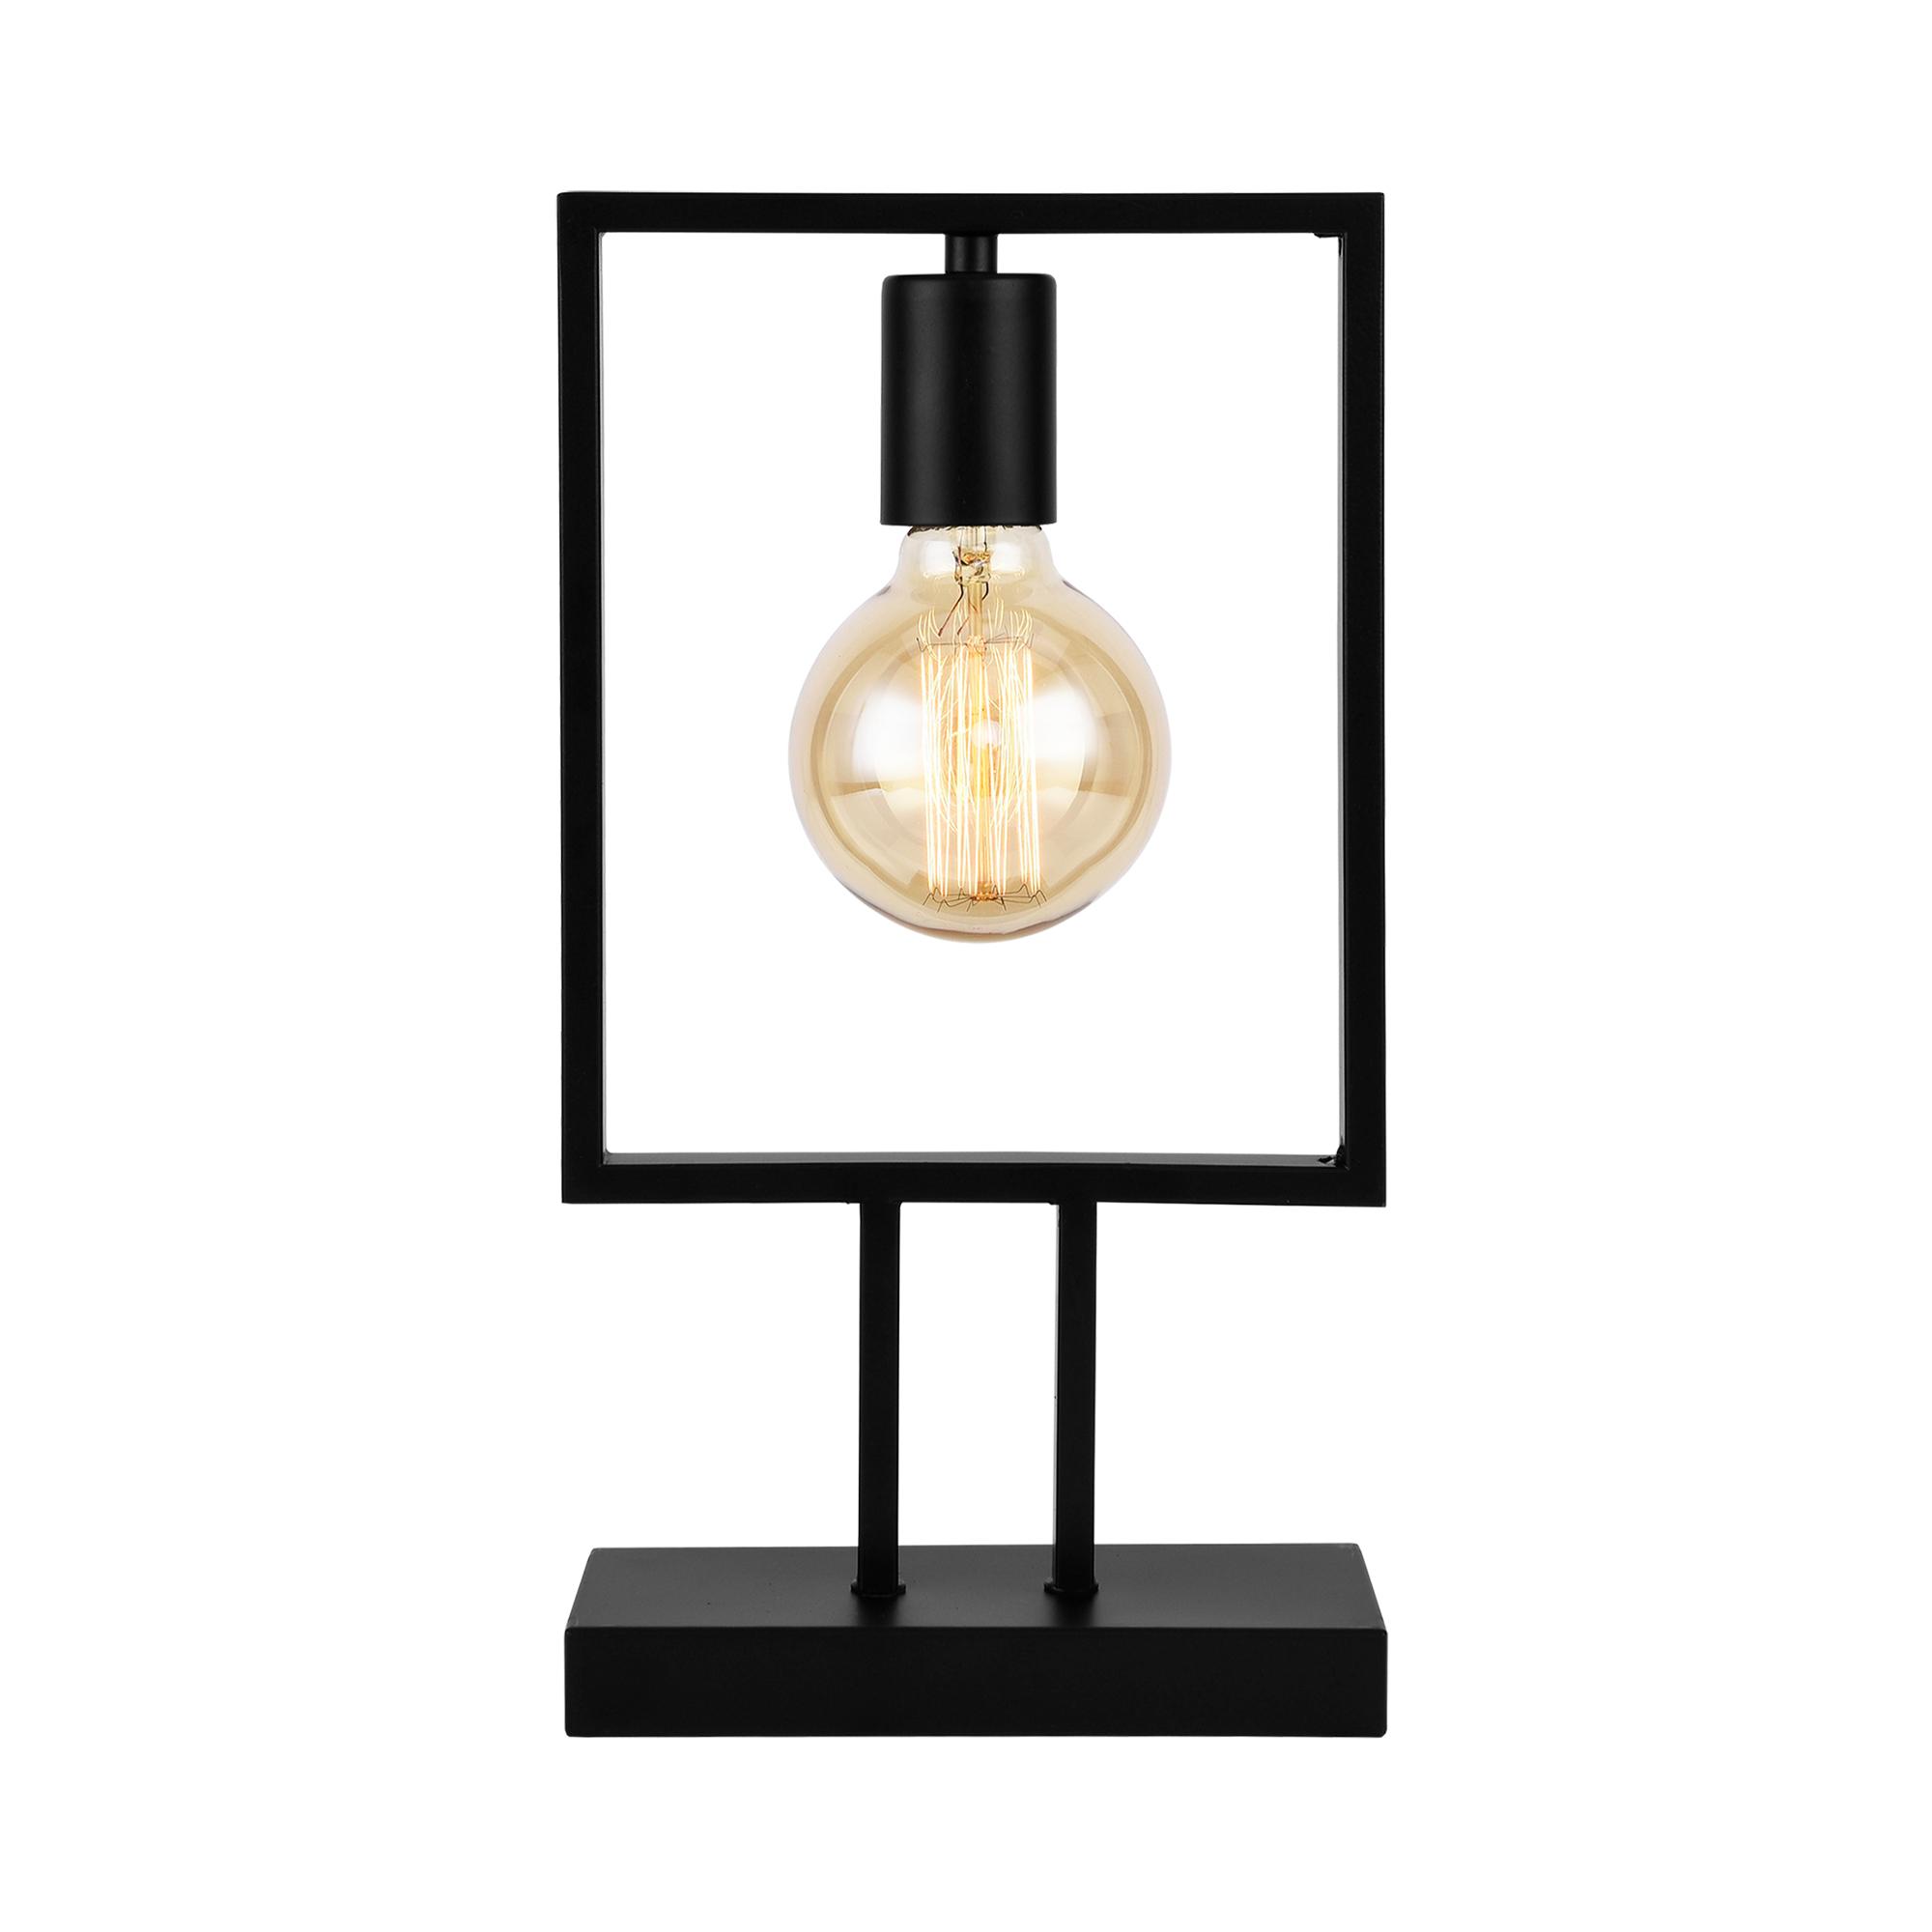 Tischlampe Wohnzimmer: [lux.pro]® Tischleuchte Tischlampe Lampe Leuchte